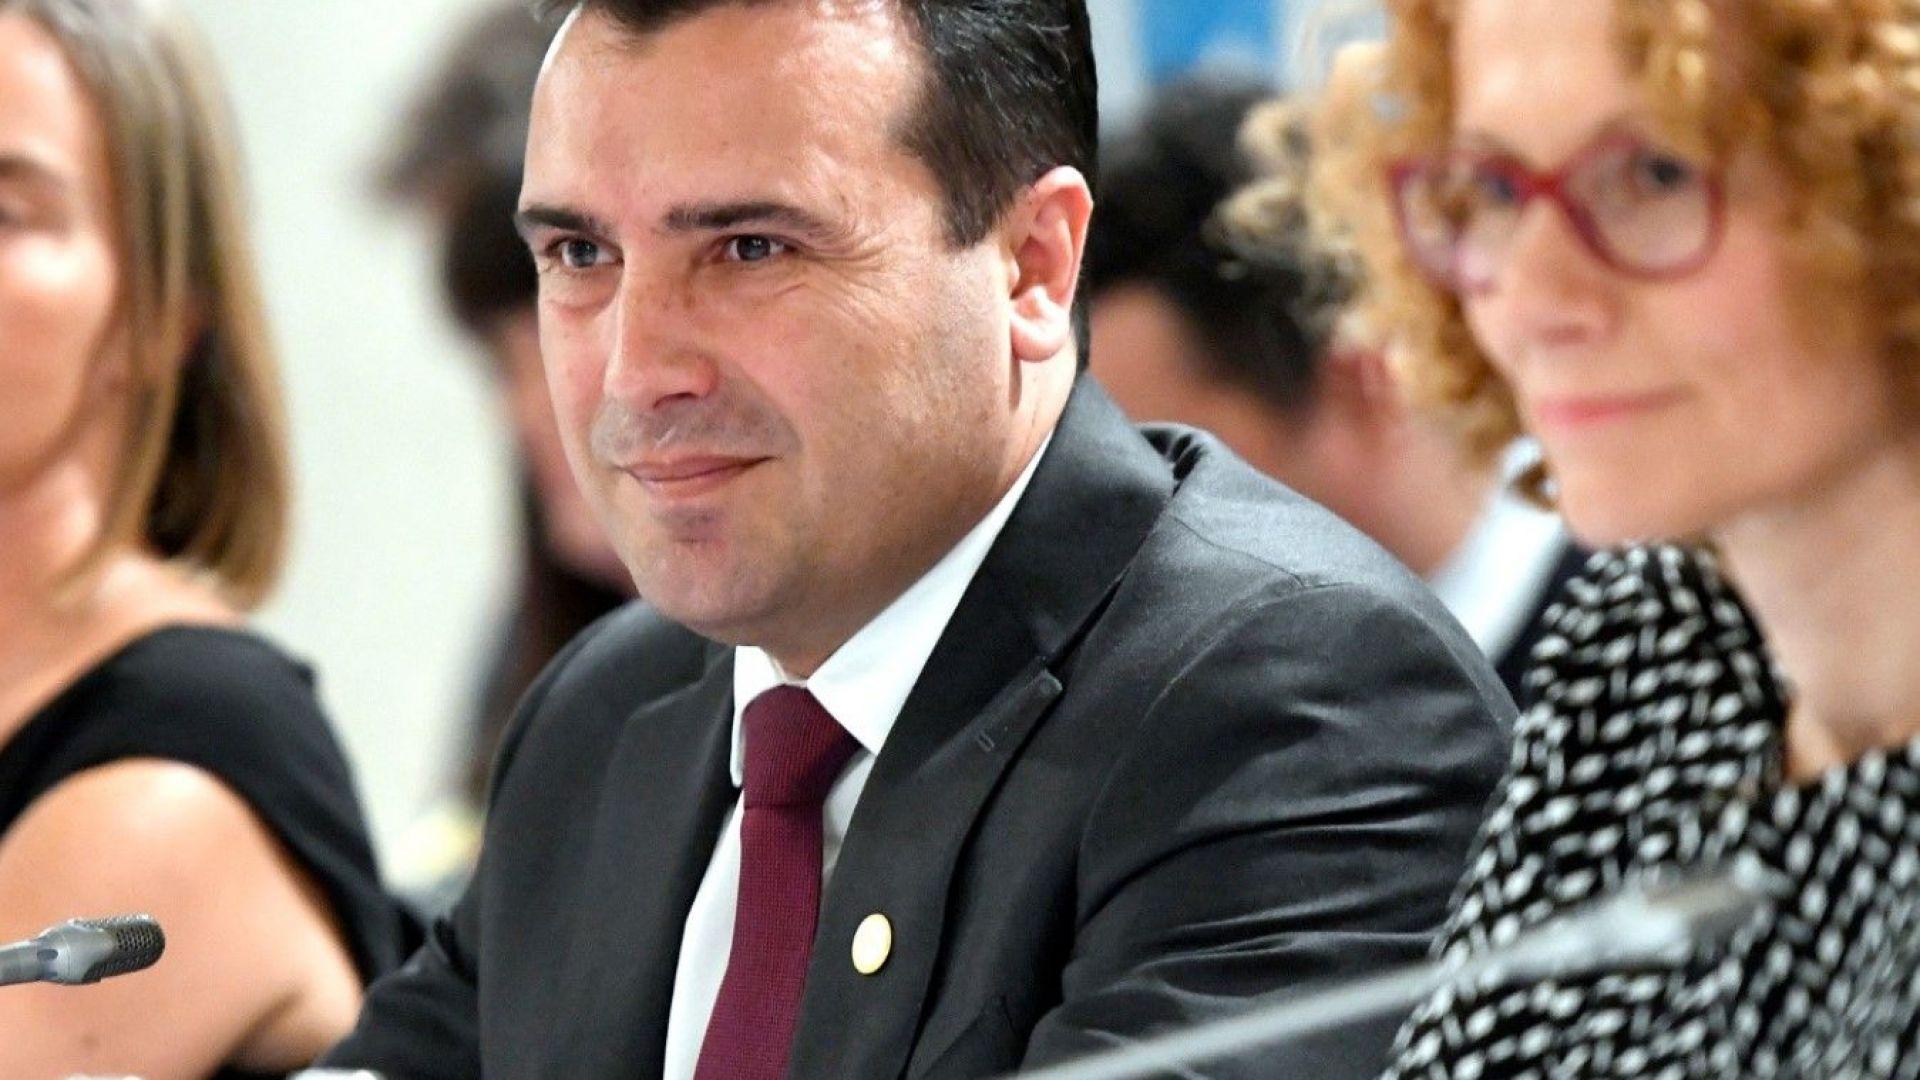 ПЕС: Зоран Заев и Еди Рама заслужиха европейското бъдеще на страните си